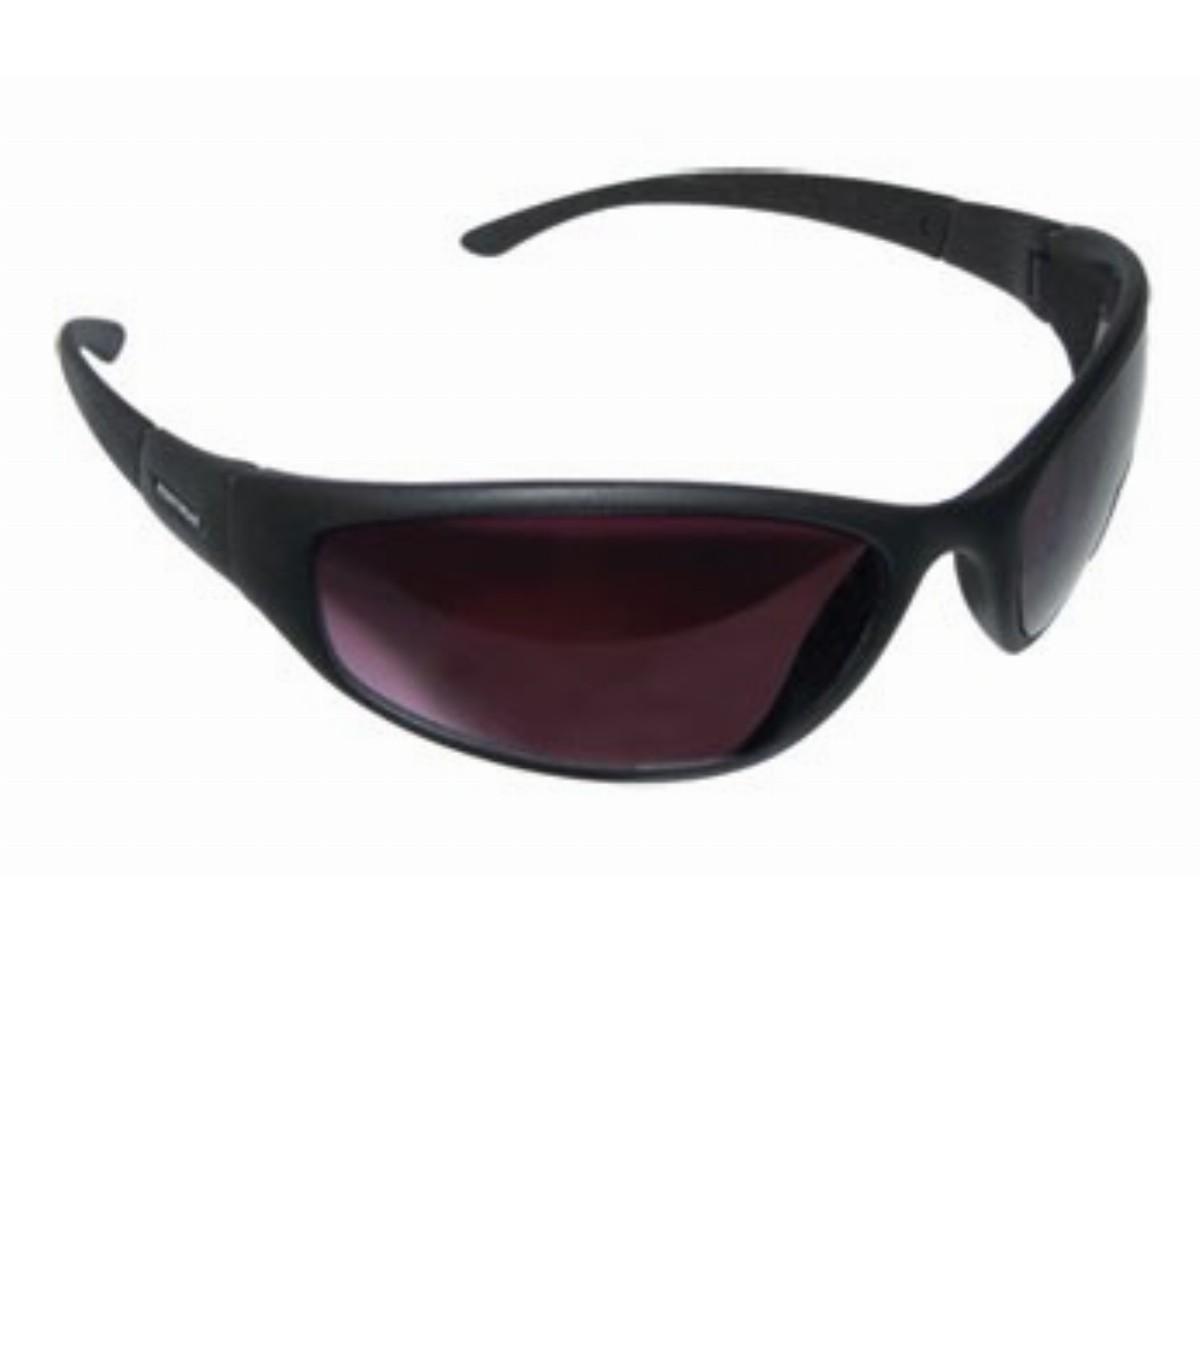 e6f5754448 Montagne: gafas deportes, anteojos para nieve, gafas trekking, gafas ...